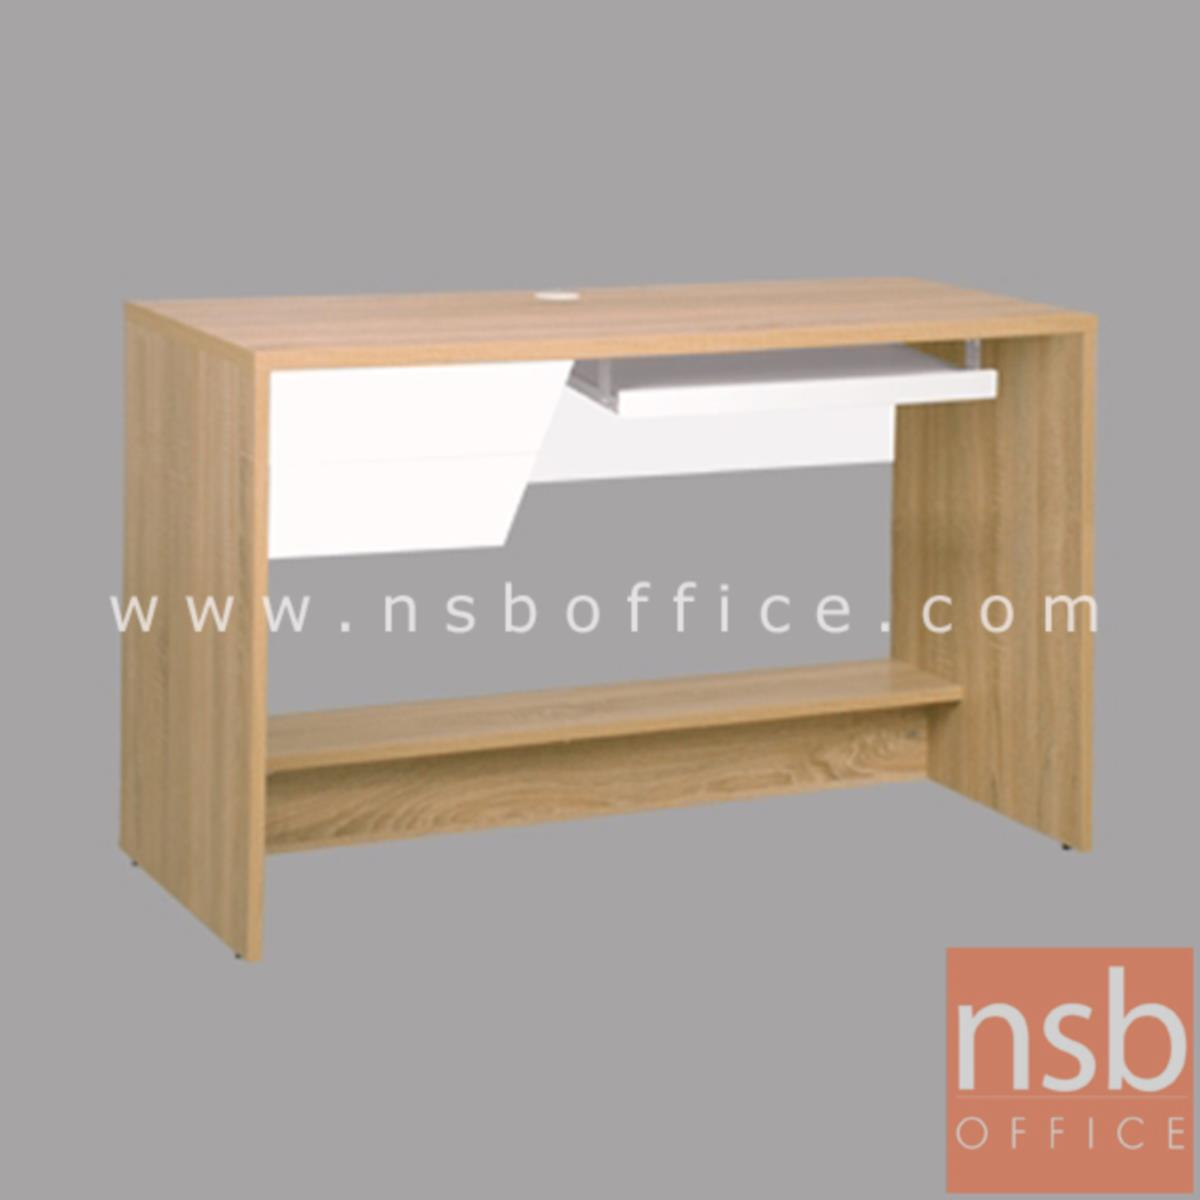 A13A178:โต๊ะทำงานโล่ง  รุ่น MS-DE ขนาด 120W cm. พร้อมรางคีย์บอร์ด สีไวท์โอ๊คตัดขาว